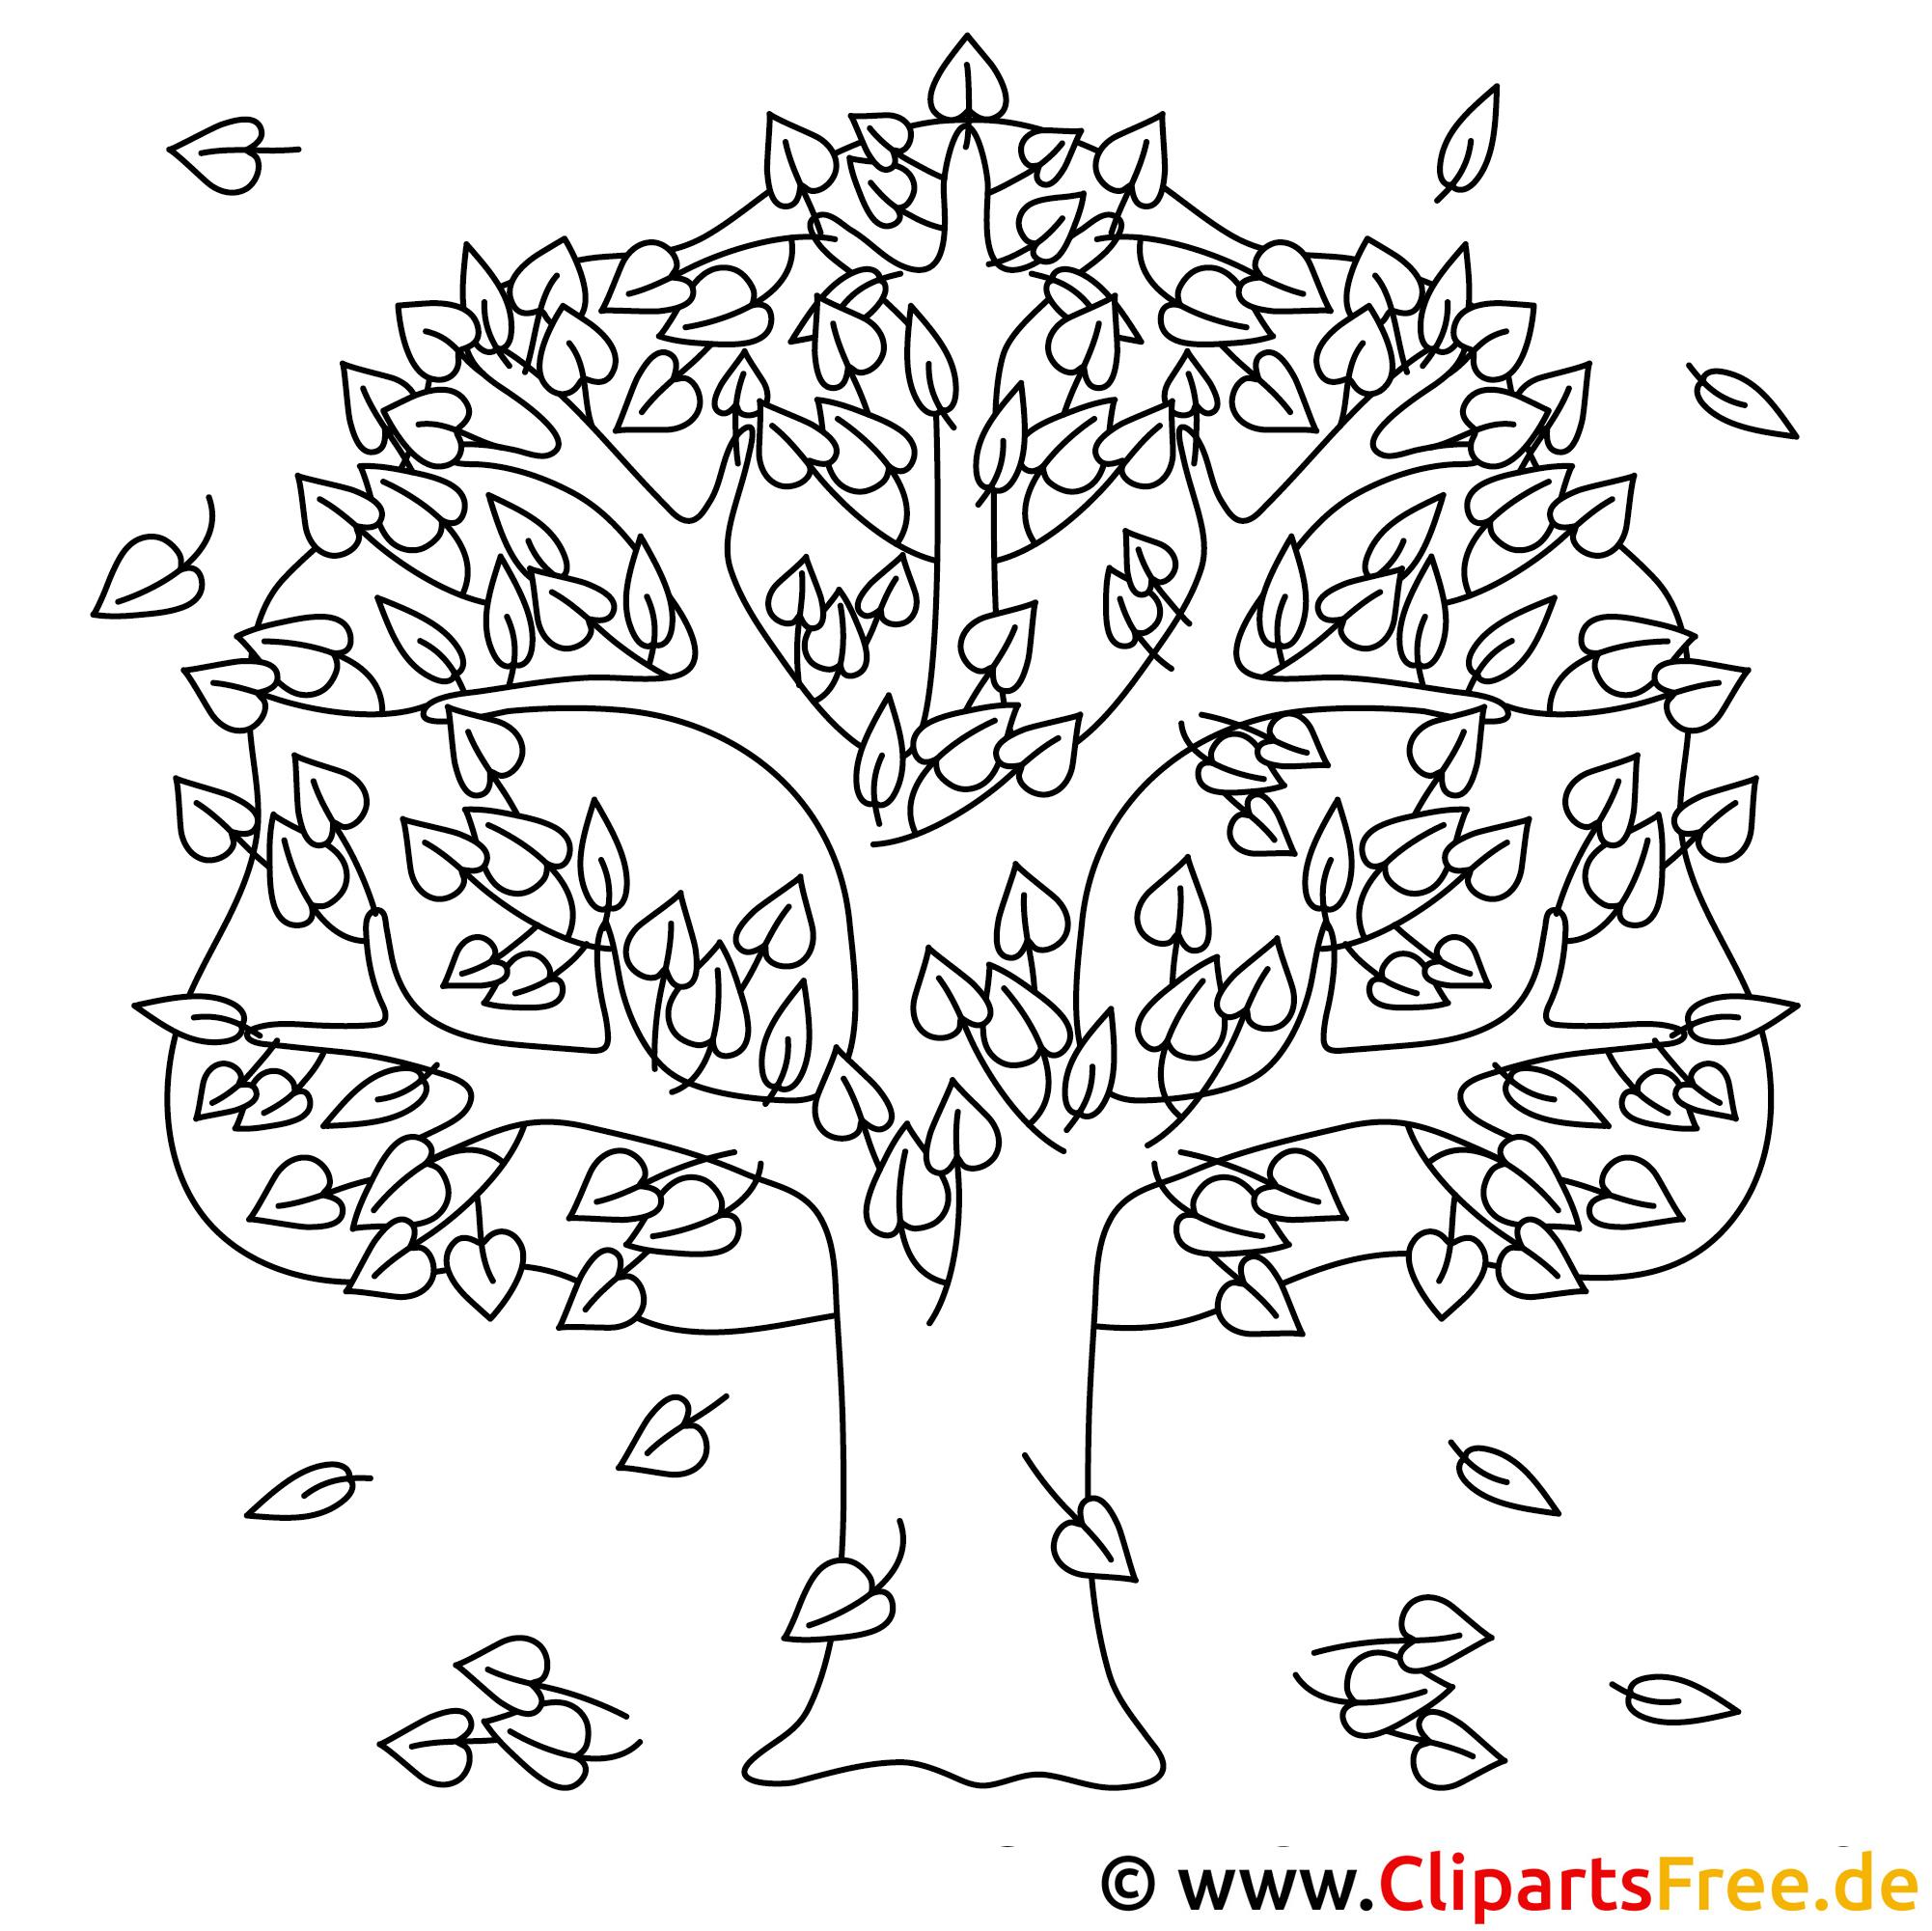 Eiche Ausmalbild gratis - Baum im Herbst